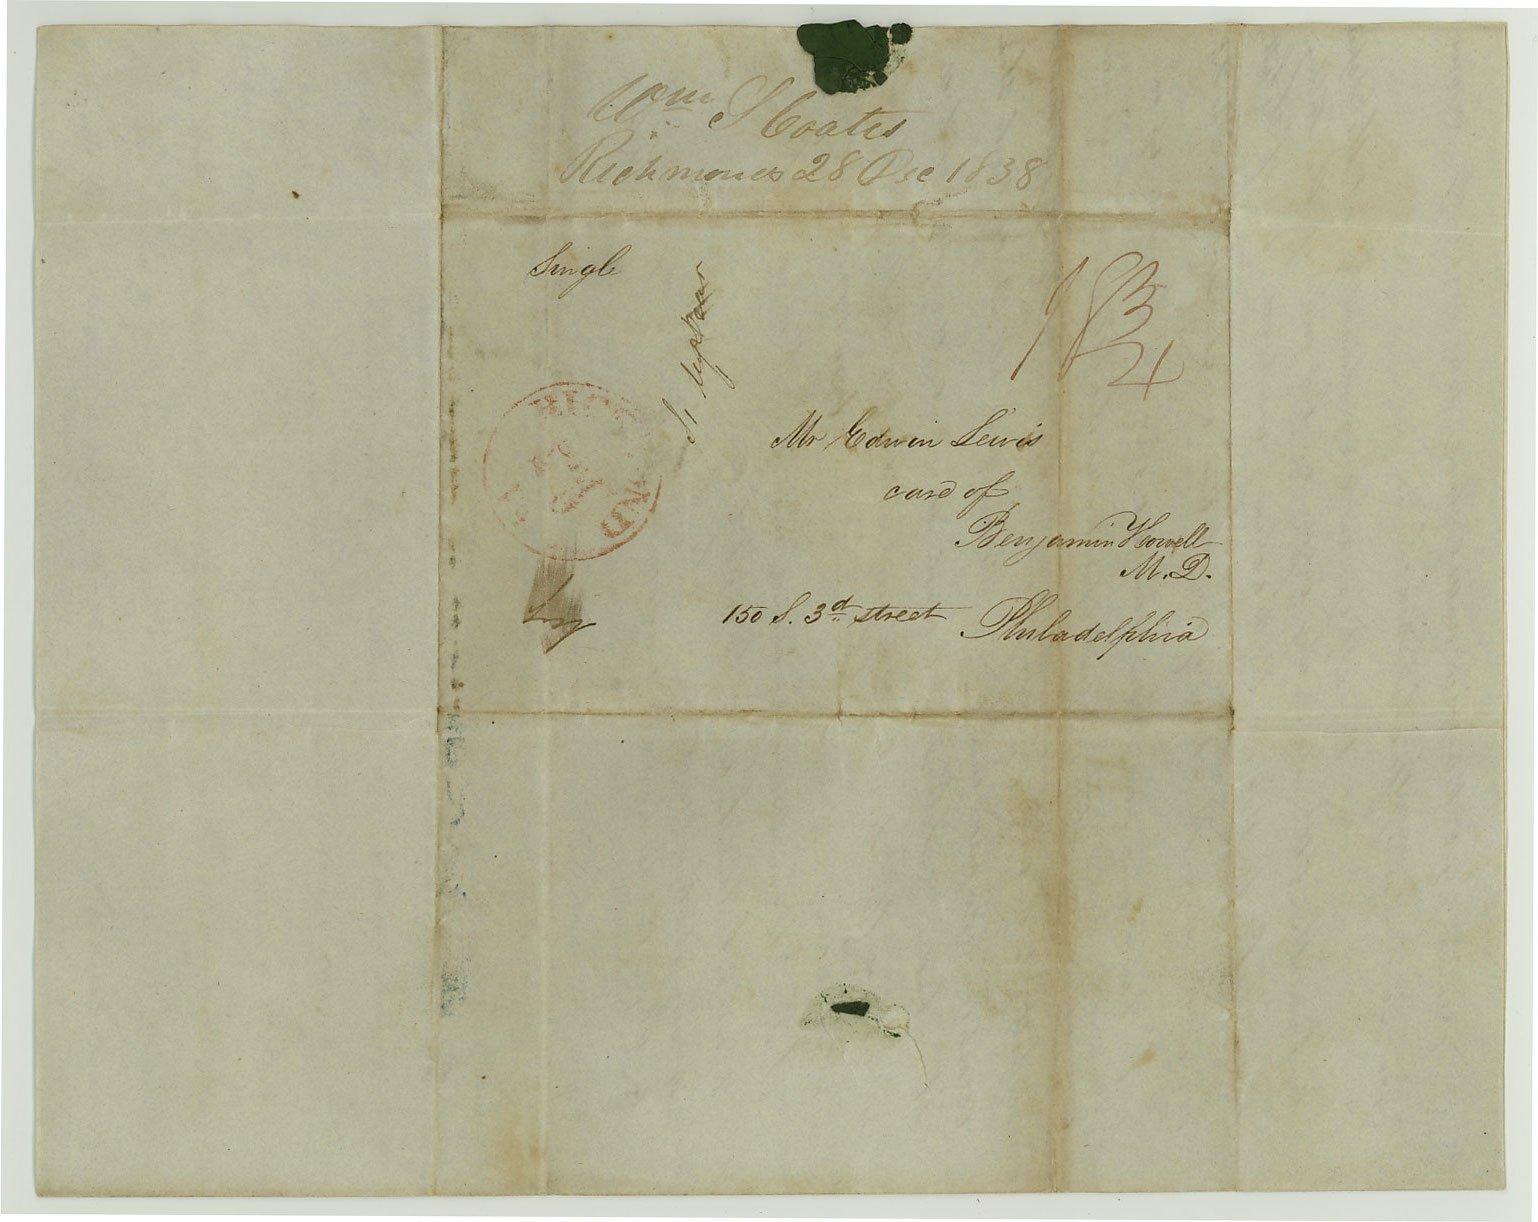 LetterFrontAddress-1